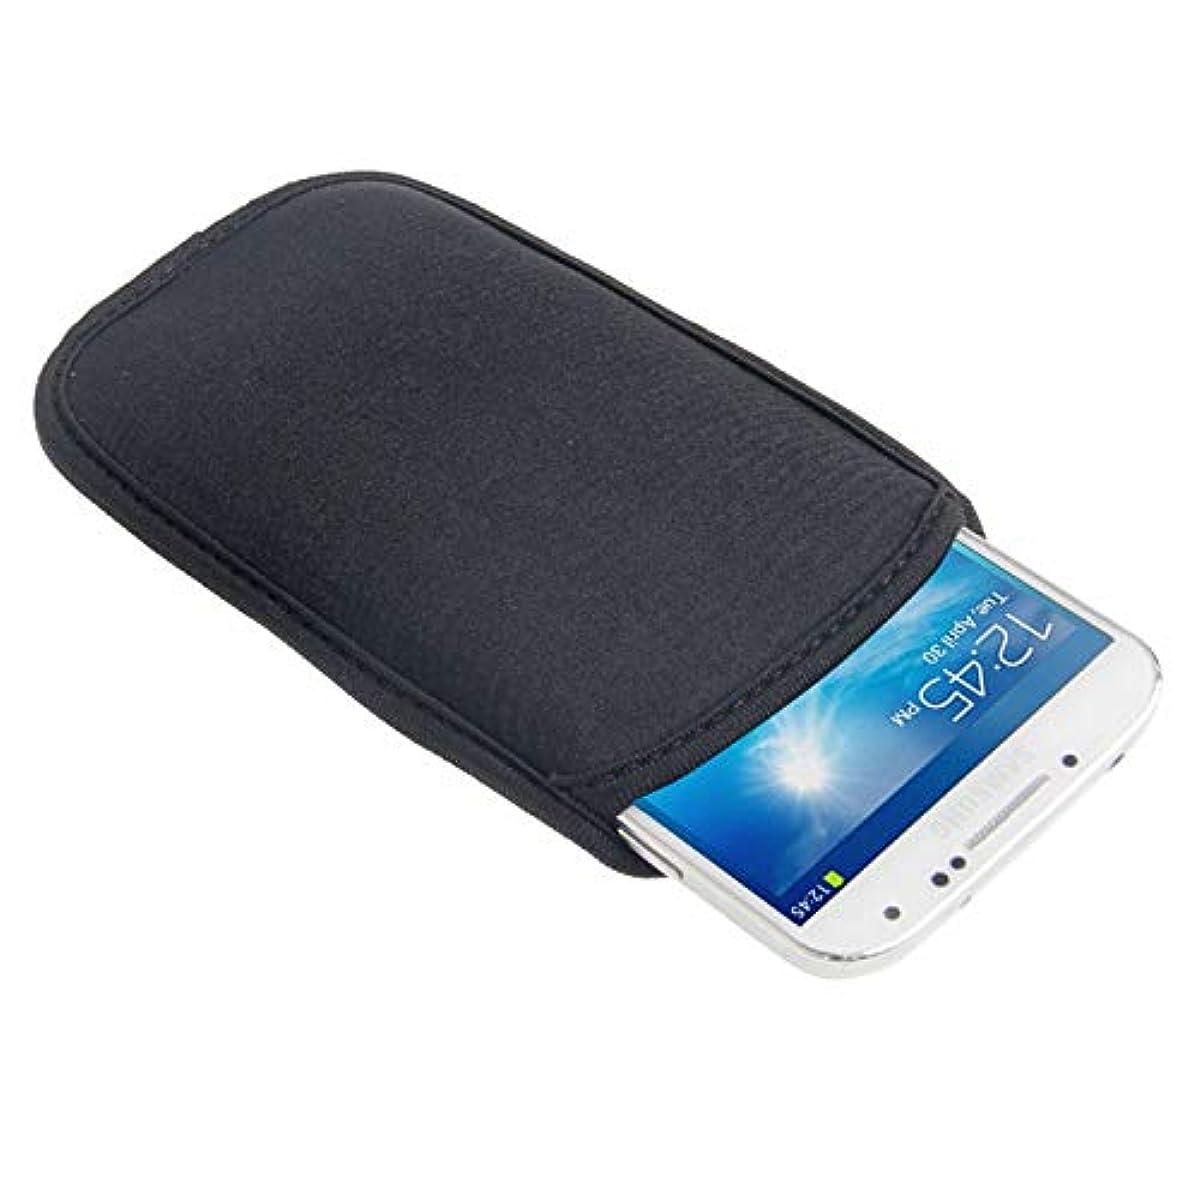 きしむ球体避難する保護ケース グレート防水素材ケースは/iPhone 6&6S /ギャラクシーSIII / I9300用キャリーバッグ、ギャラクシーS IV / i9500、ギャラクシーPrimier / i9260(ブラック)